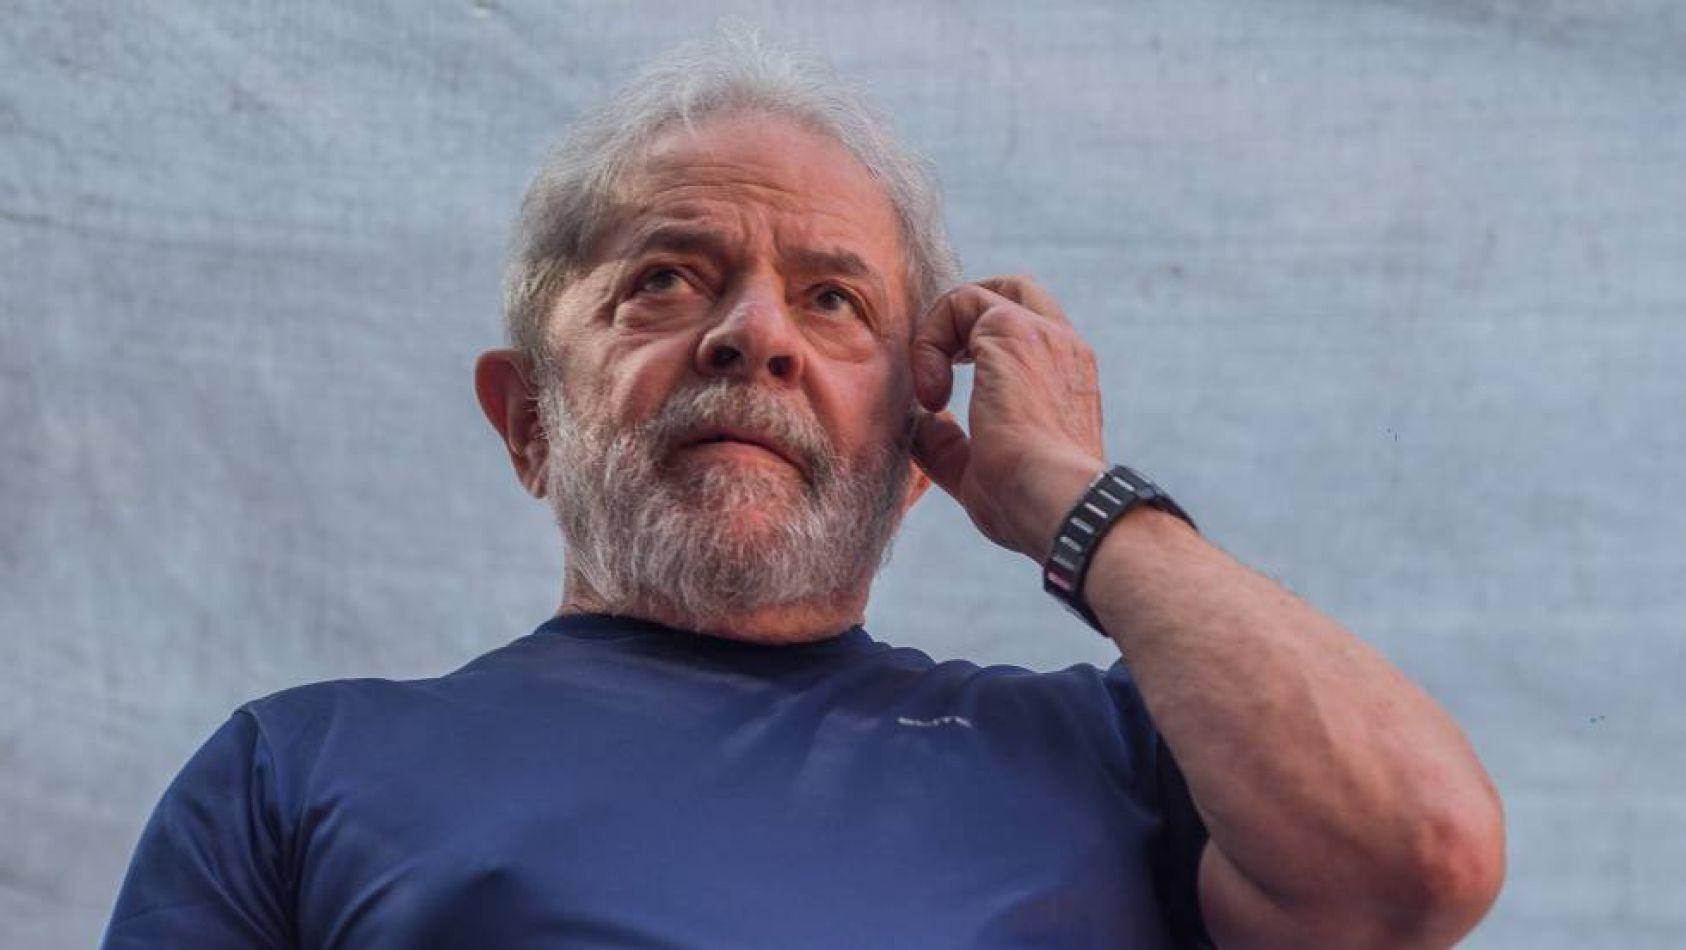 Liberaron a Lula luego de 580 días preso